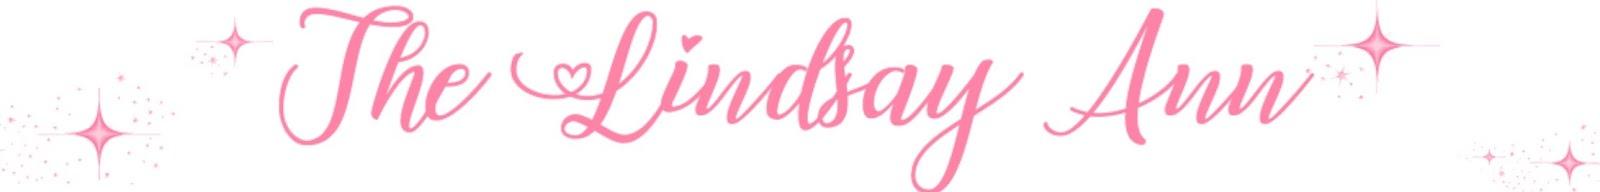 The Lindsay Ann